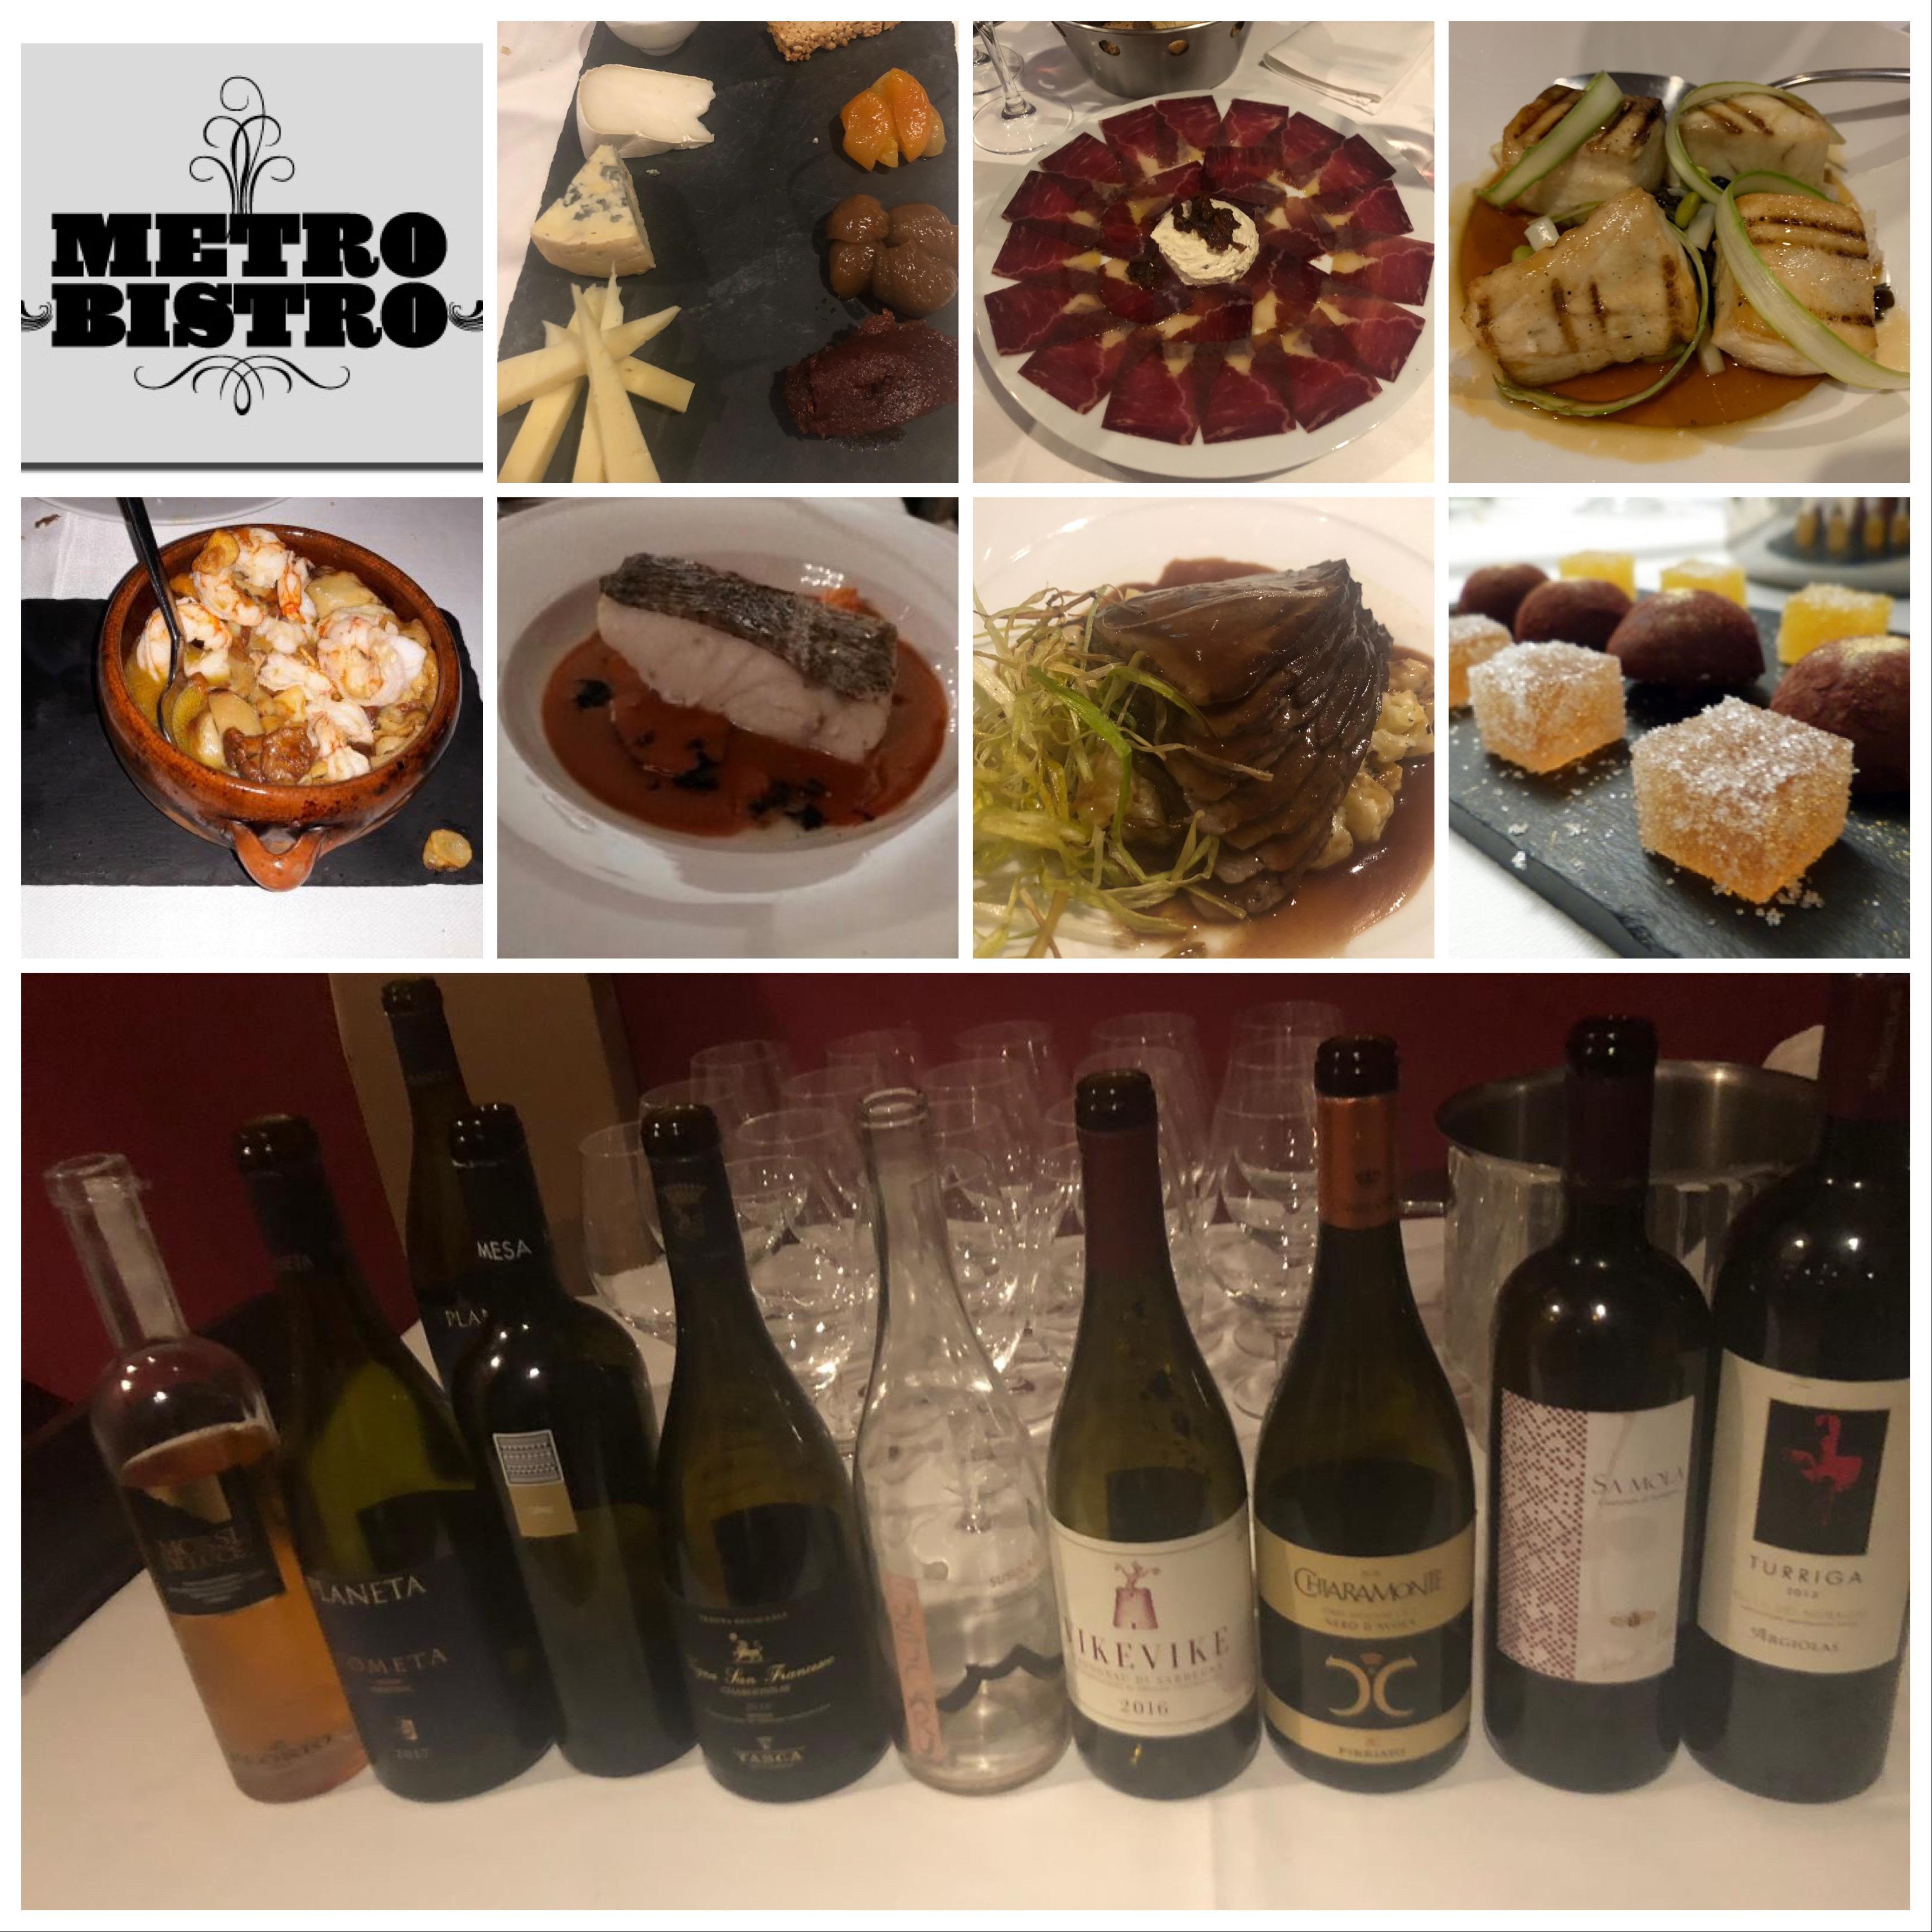 La cena y los vinos